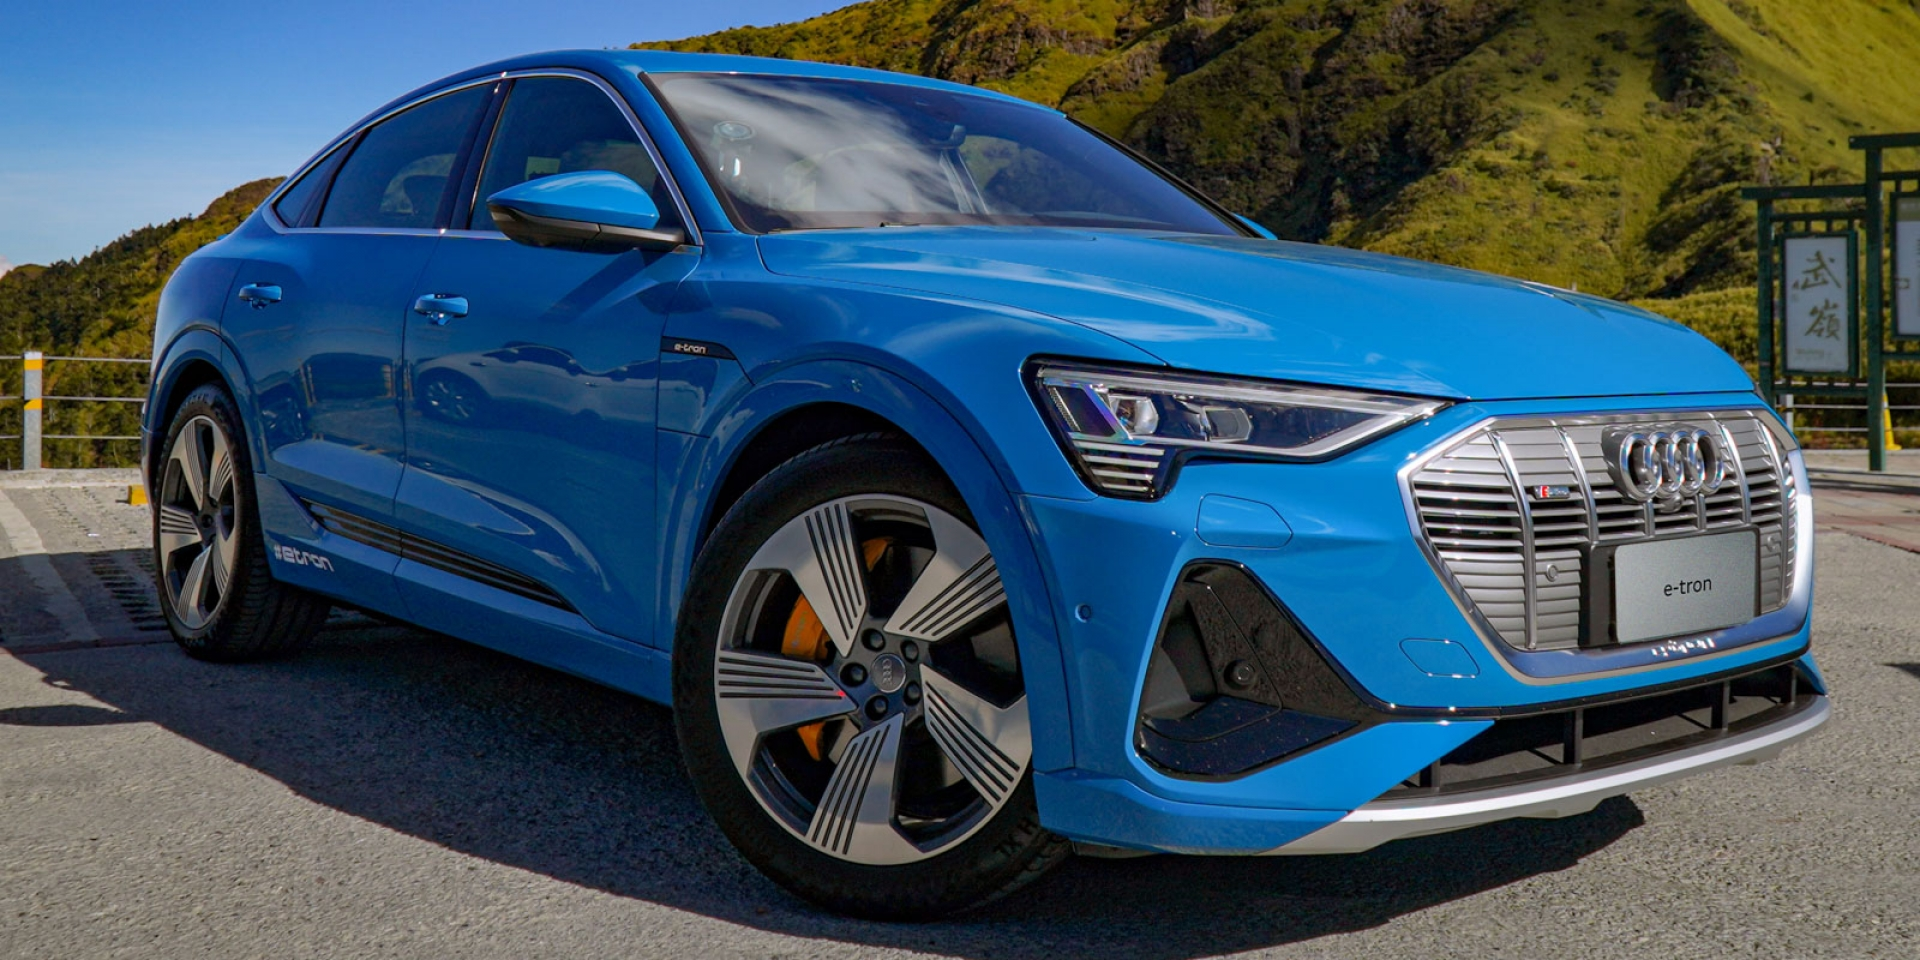 官方新聞稿。實現智慧純電生活圈 打造友善電動車環境 創見未來 全能電旅 全新Audi e-tron 正式上市